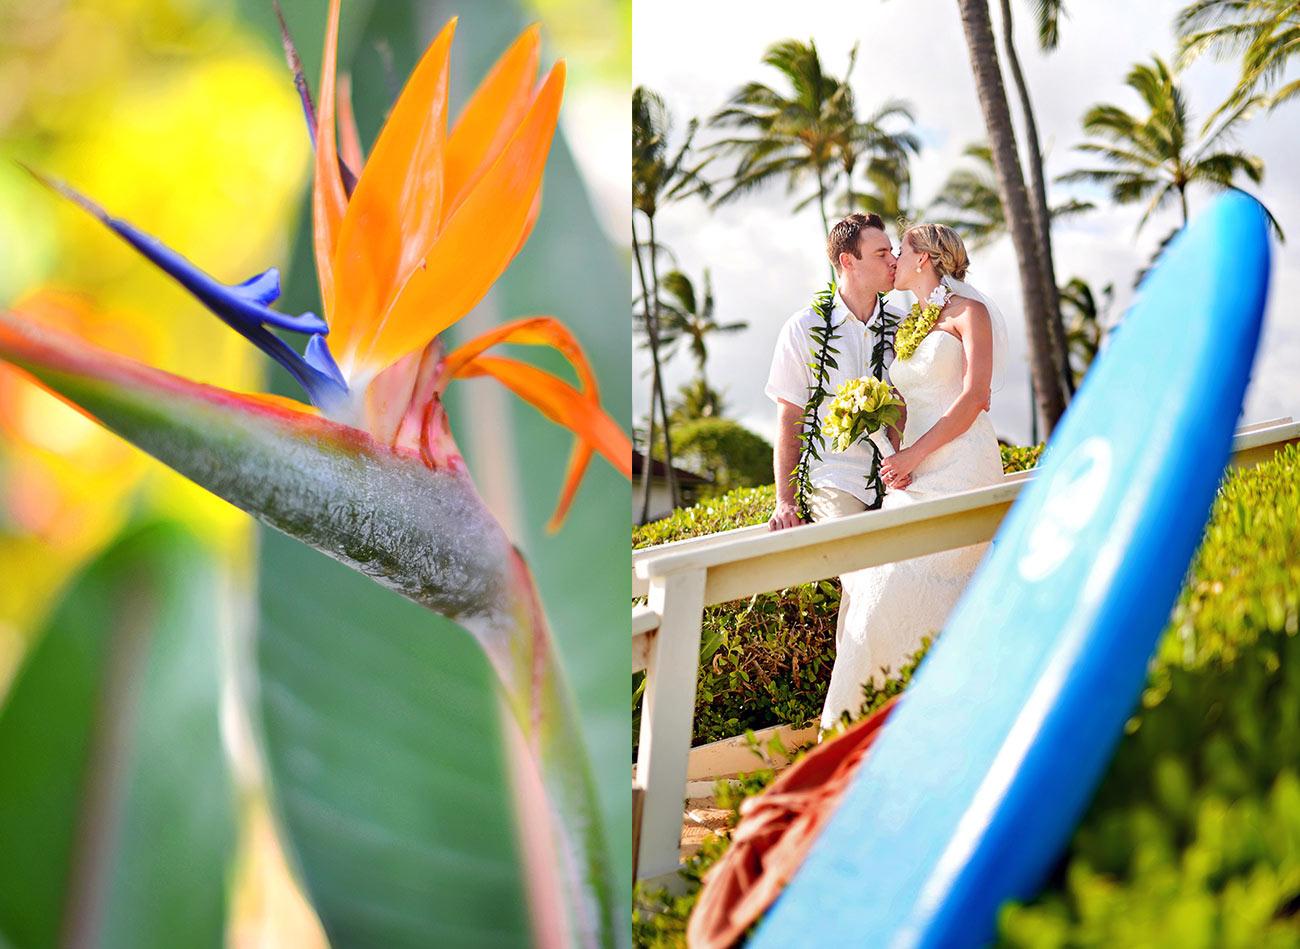 Kauai-Island-Hawaii-wedding-photo-(51).jpg